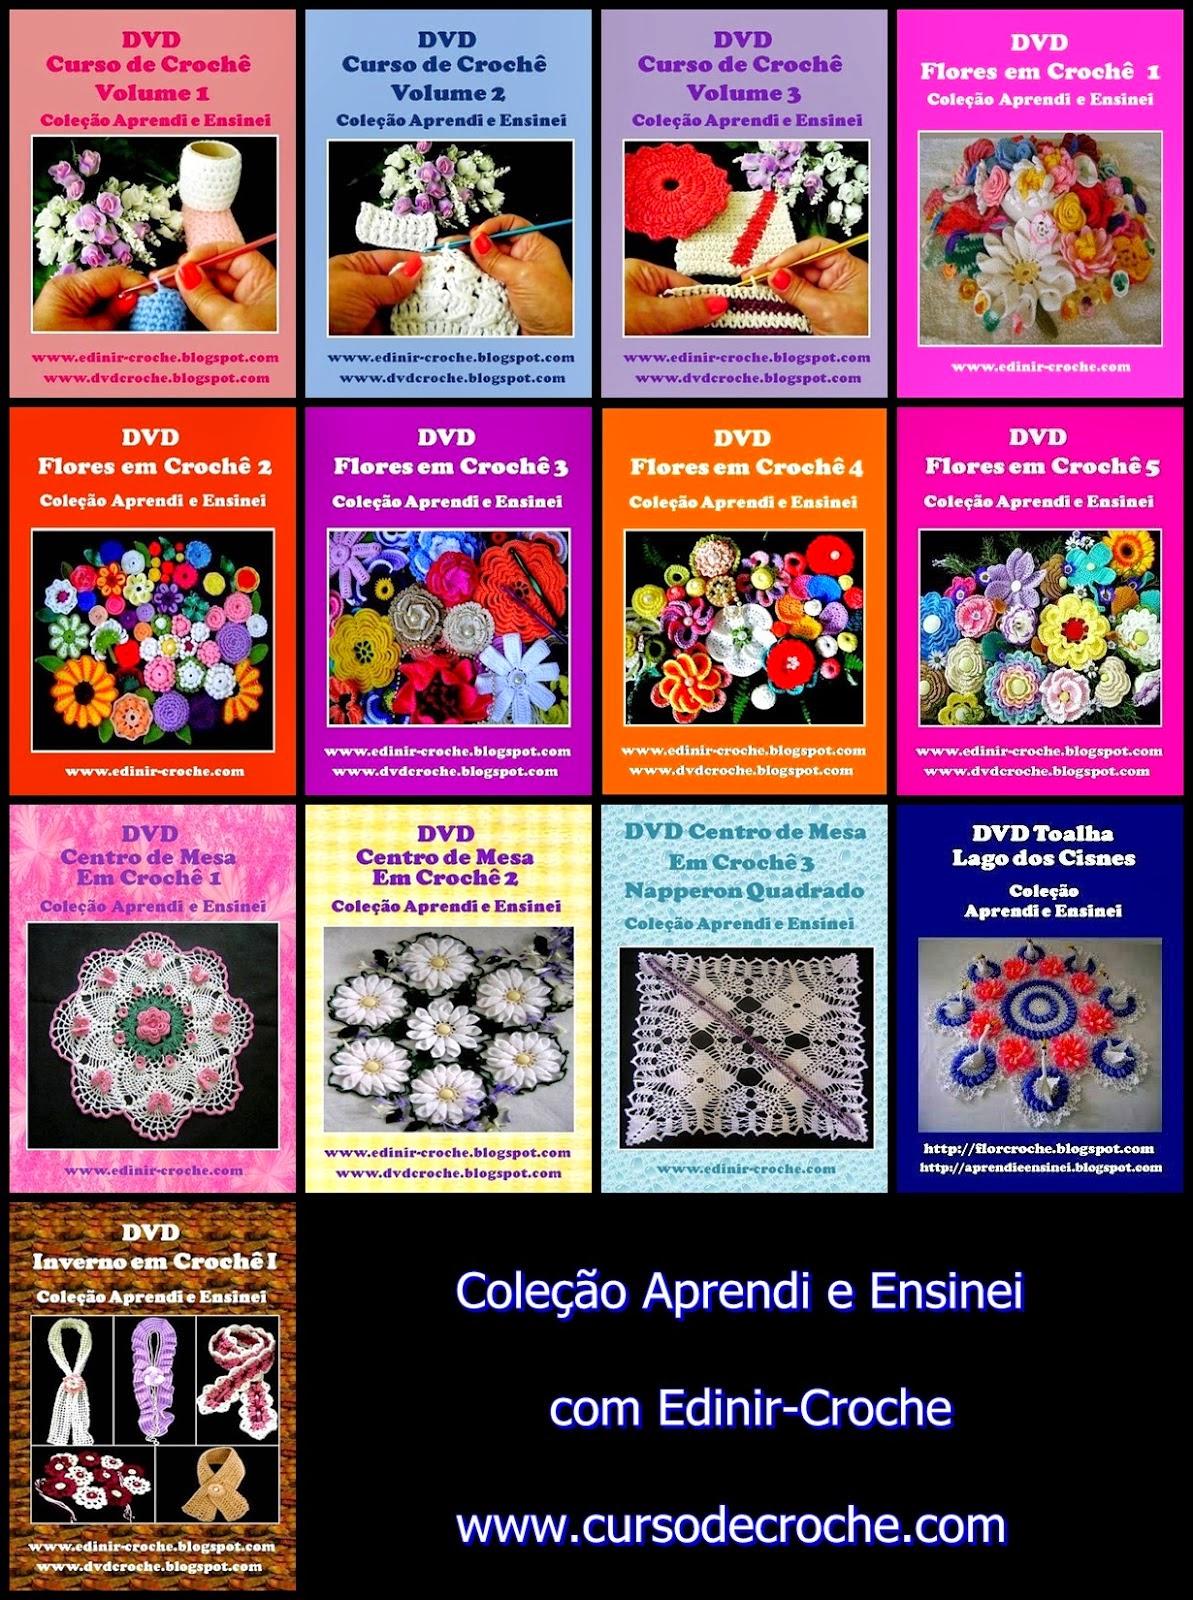 Aprender Croche DVD de croche Coleção 14 volmes com Edinir-Croche em loja frete gratis